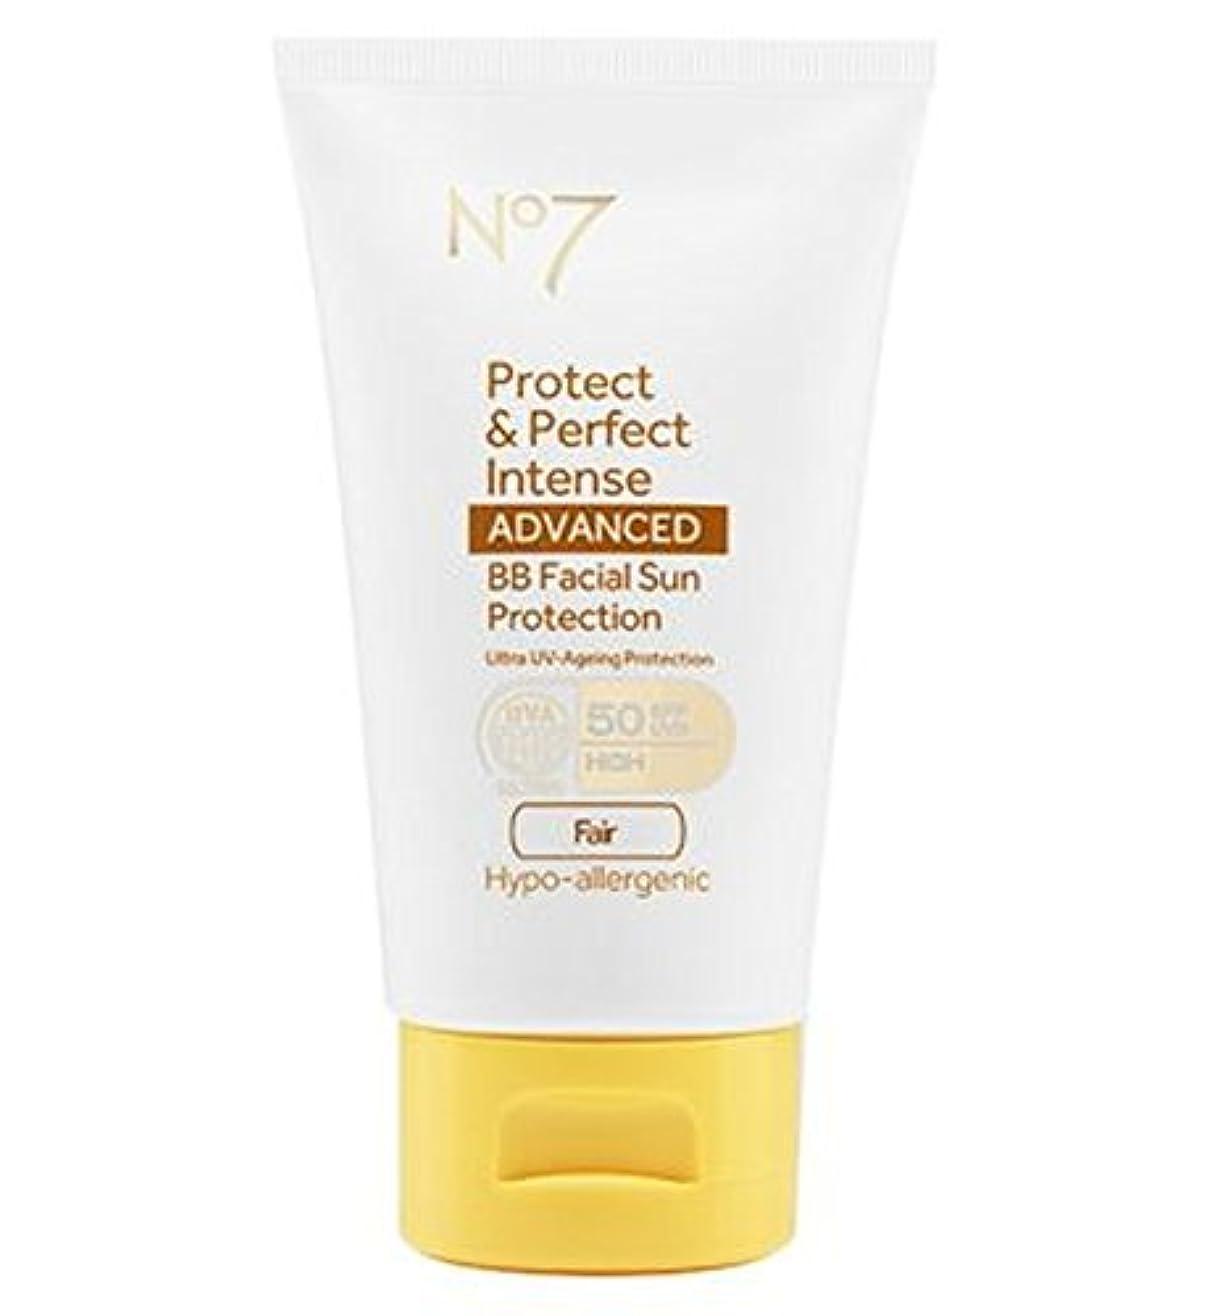 ジョージバーナードミスペンドポテトNo7 Protect & Perfect Intense ADVANCED BB Facial Sun Protection SPF50 Fair 50ml - No7保護&完璧な強烈な先進Bb顔の日焼け防止Spf50...